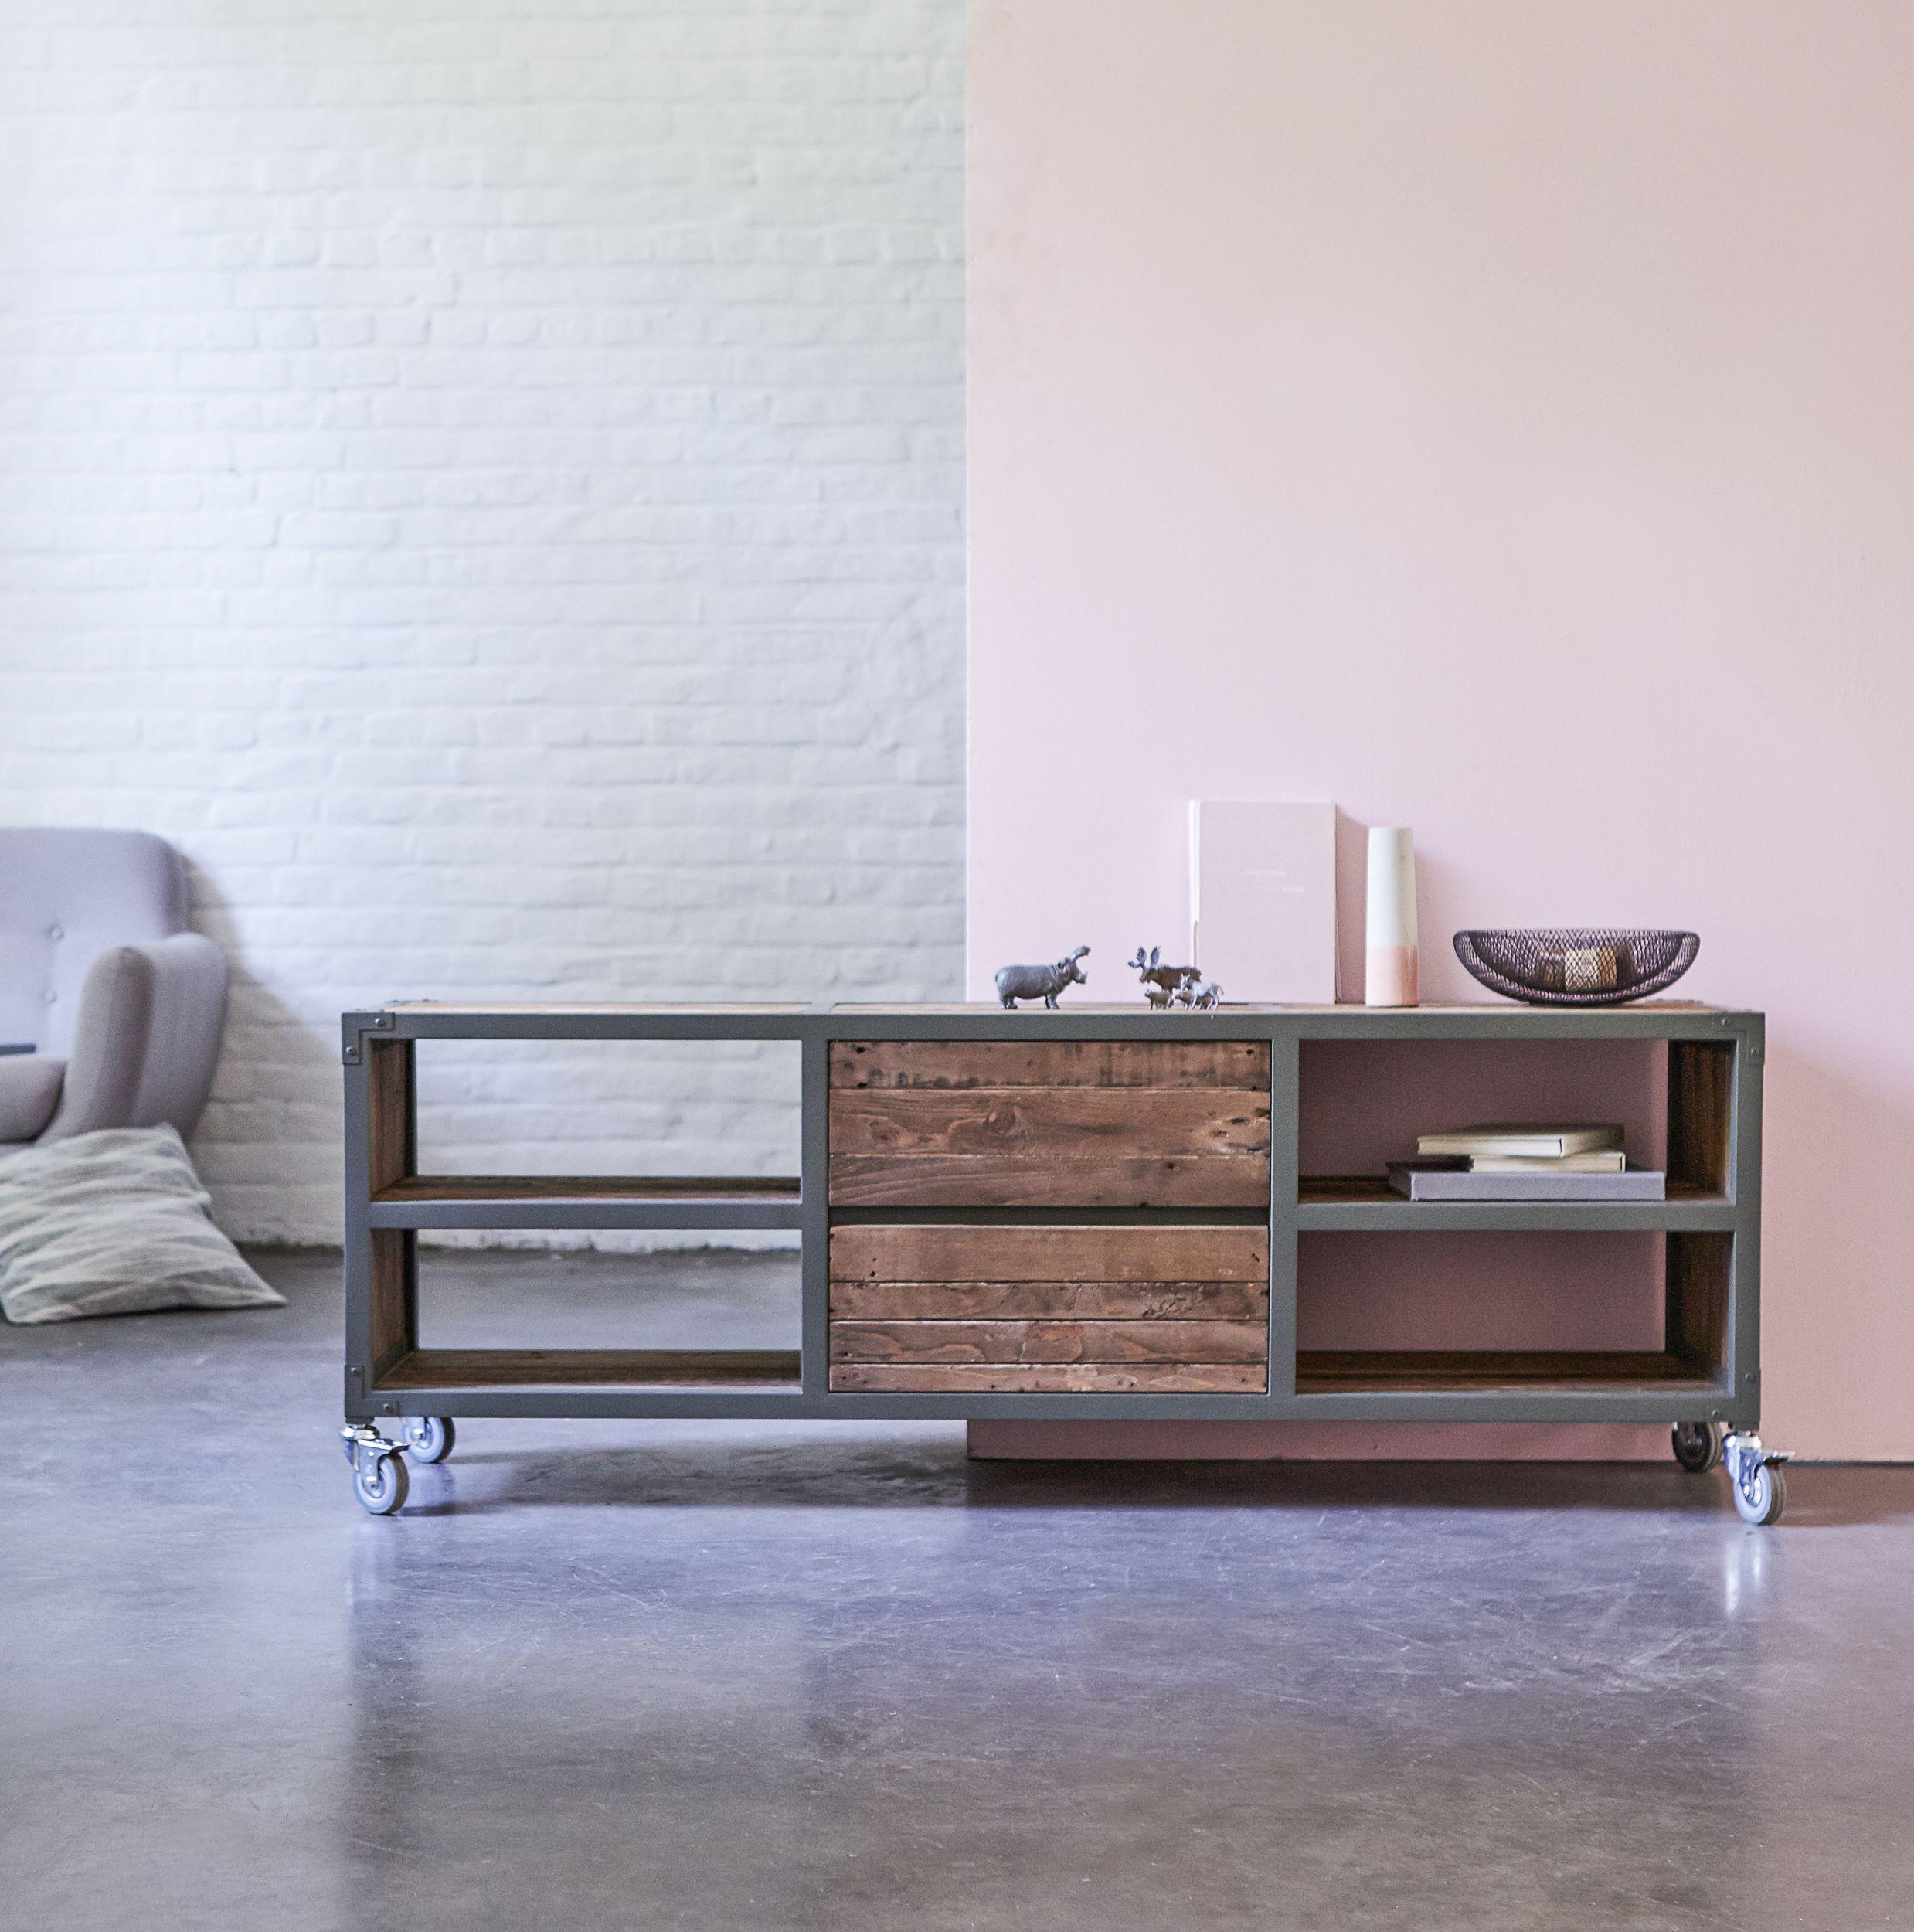 Inspiré par le design urbain ce meuble tv apportera une touche